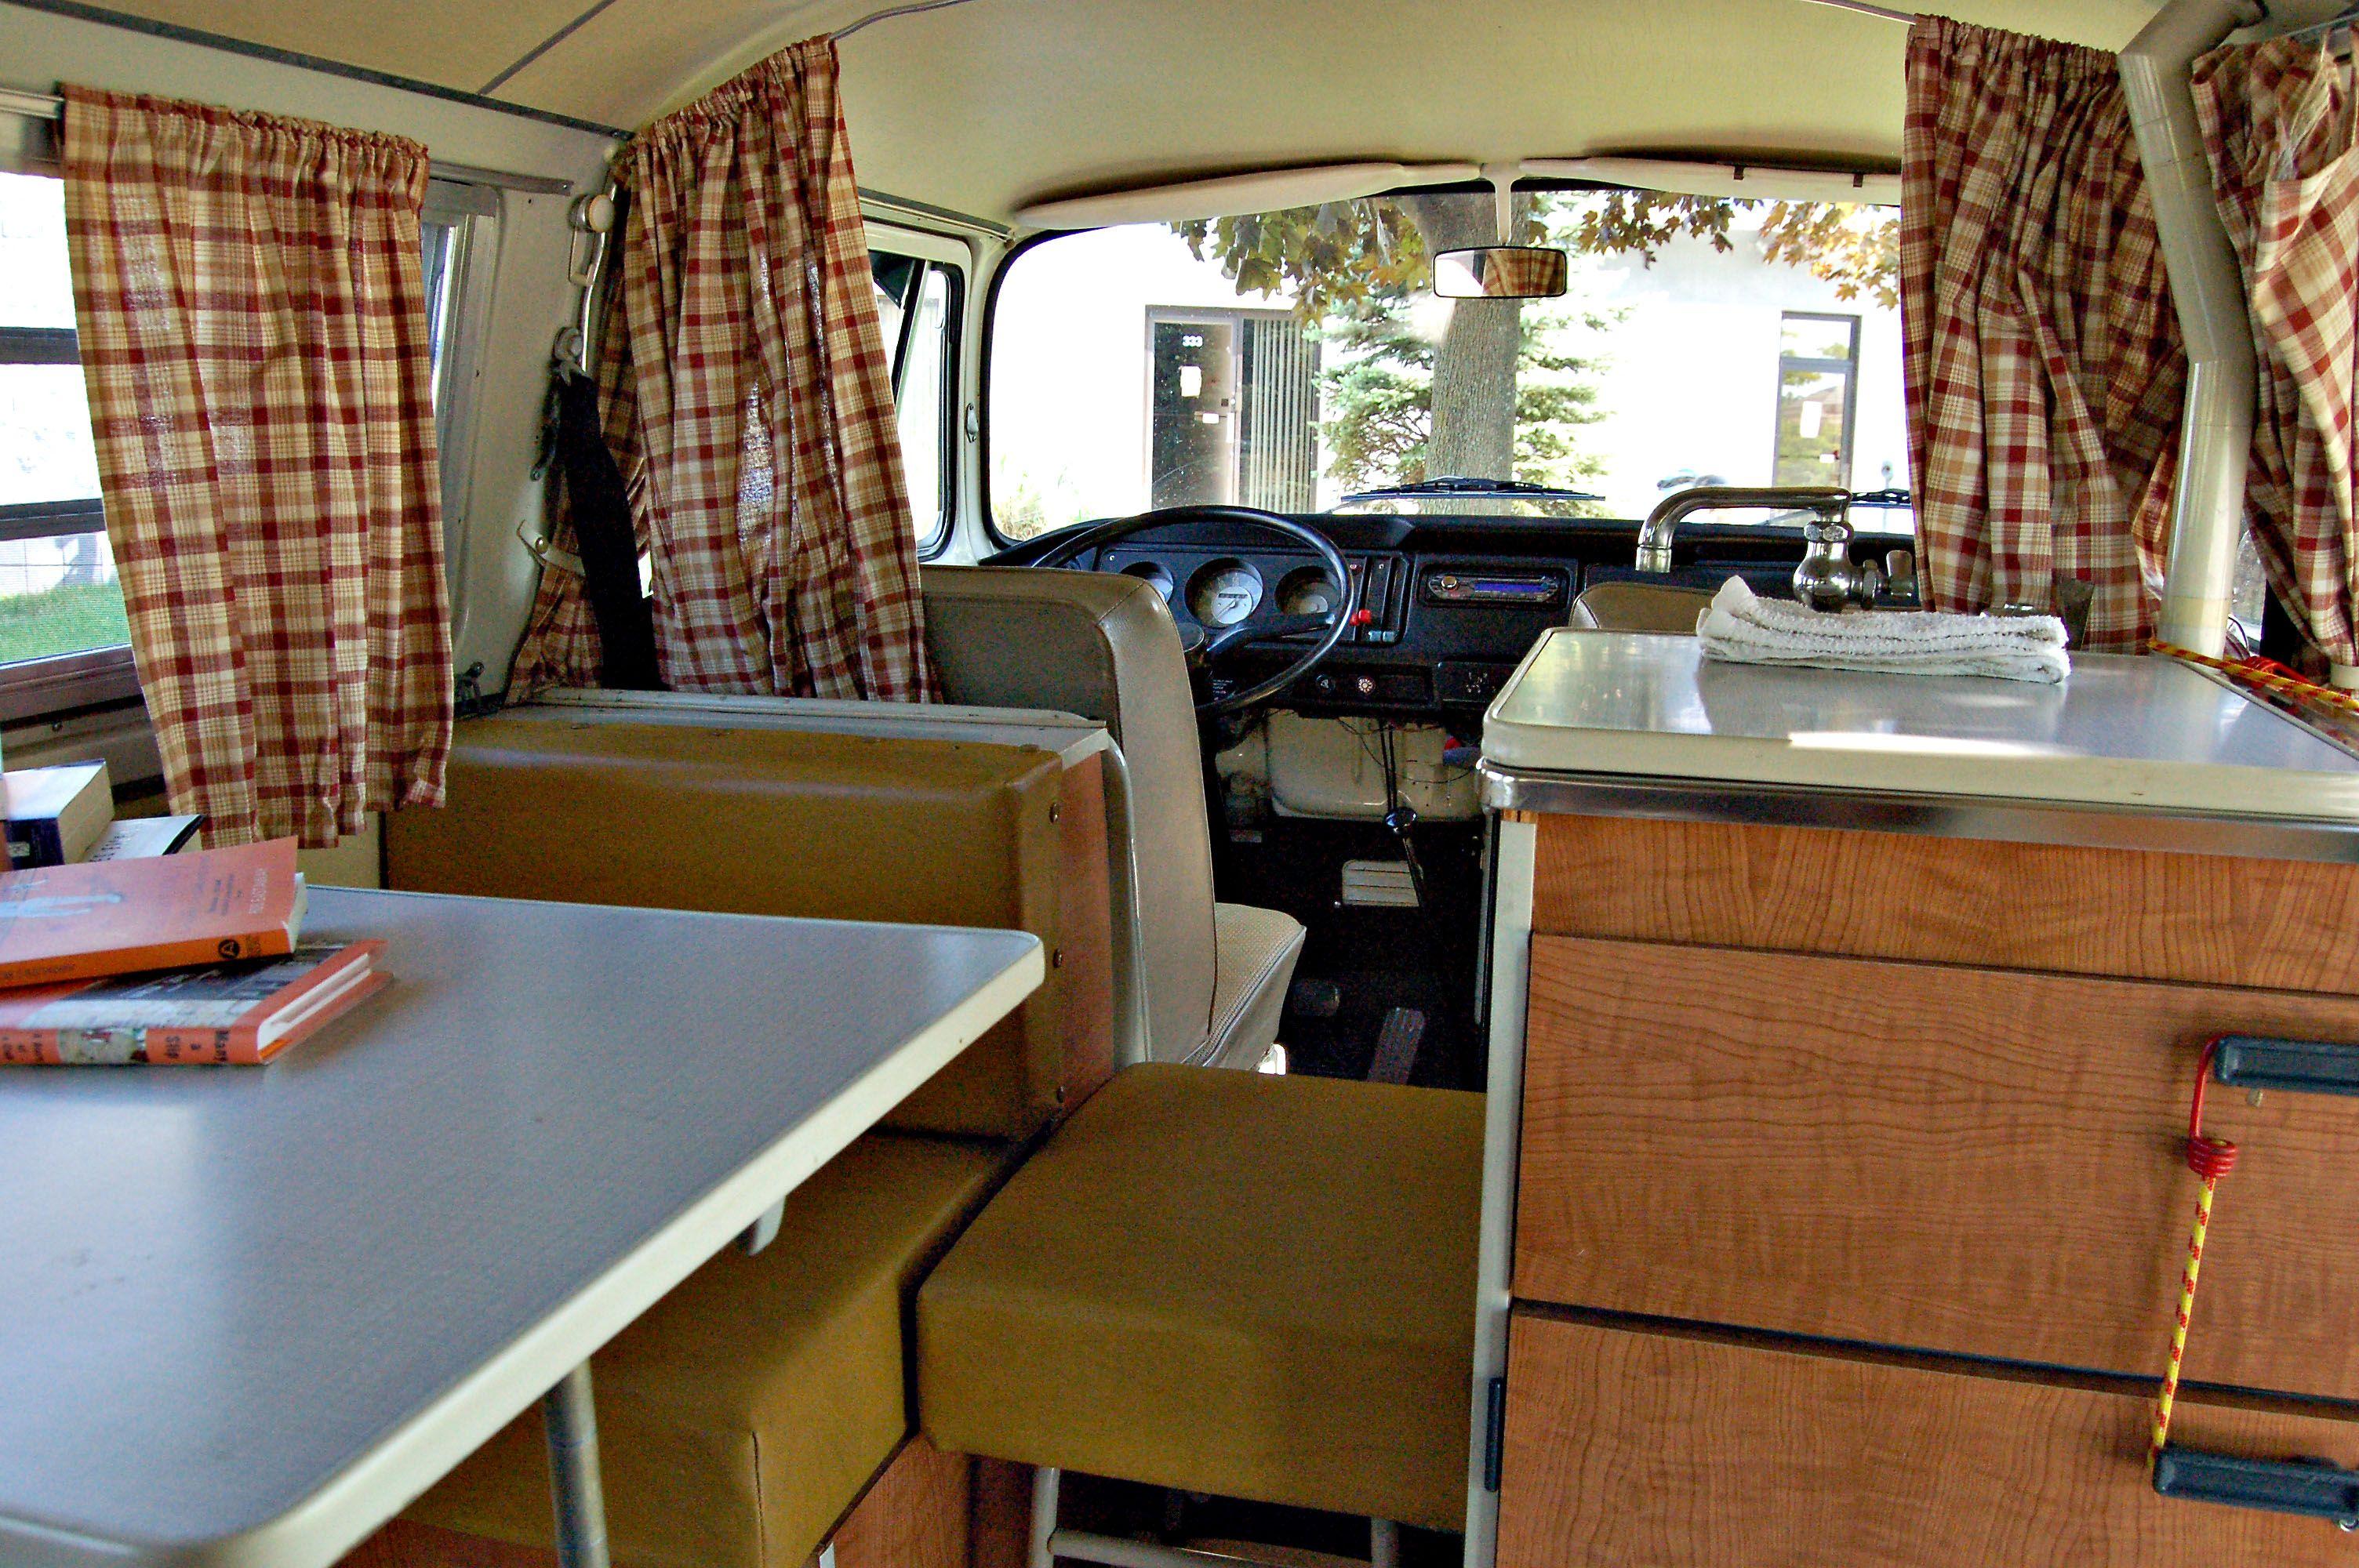 1970s Interiors | 1970 VW Camper Interior